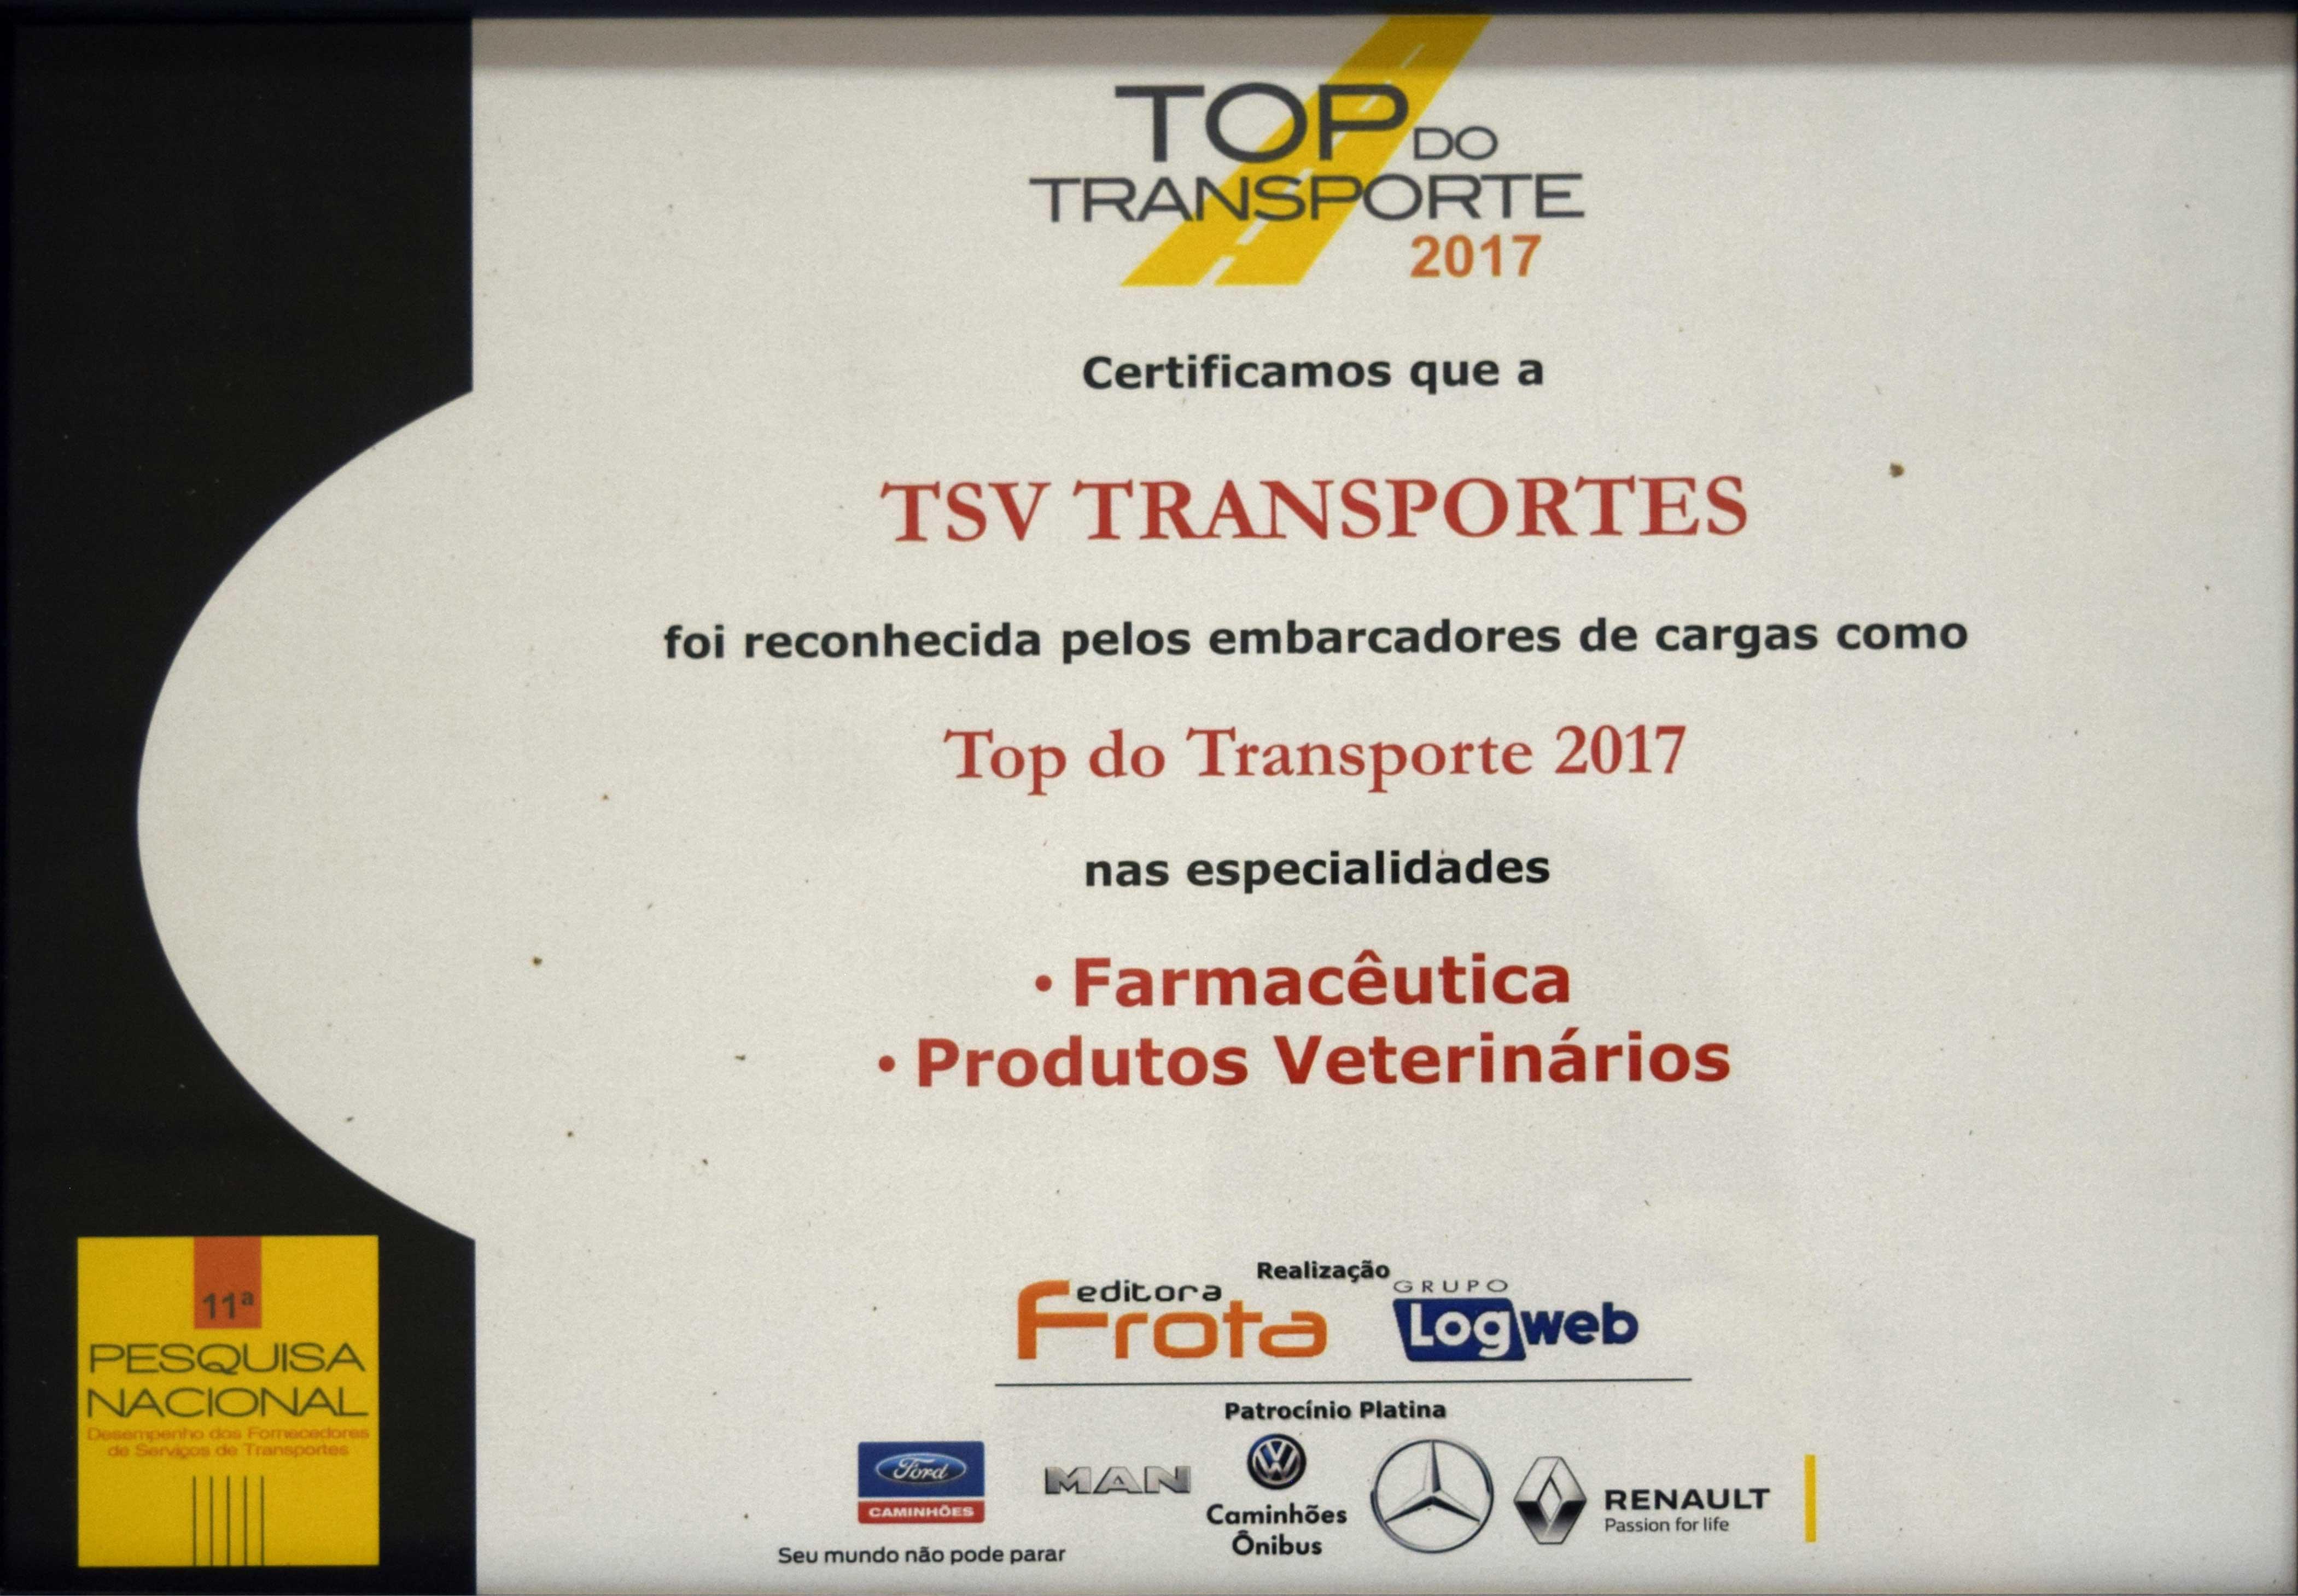 https://www.tsvtransportes.com.br/wp-content/uploads/2018/09/DSC_0155.jpg